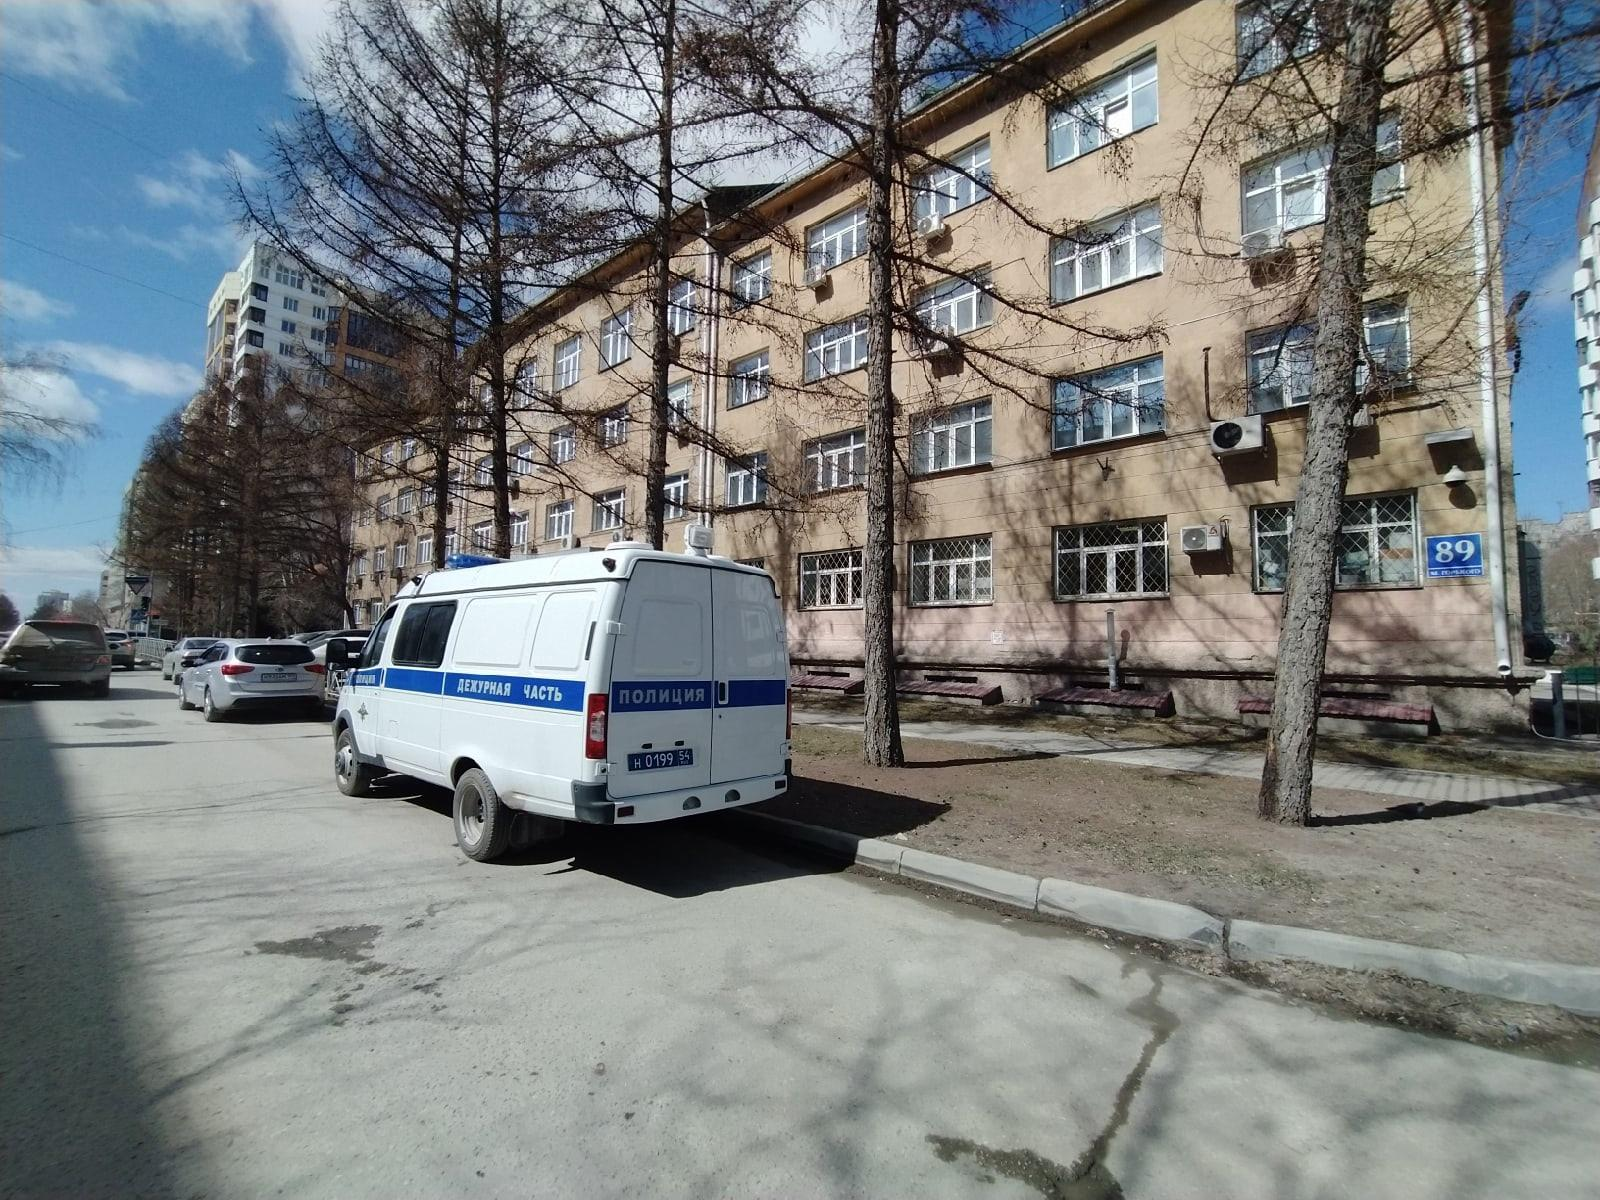 фото Появились фото с места смертельного задержания возле суда в Новосибирске 2